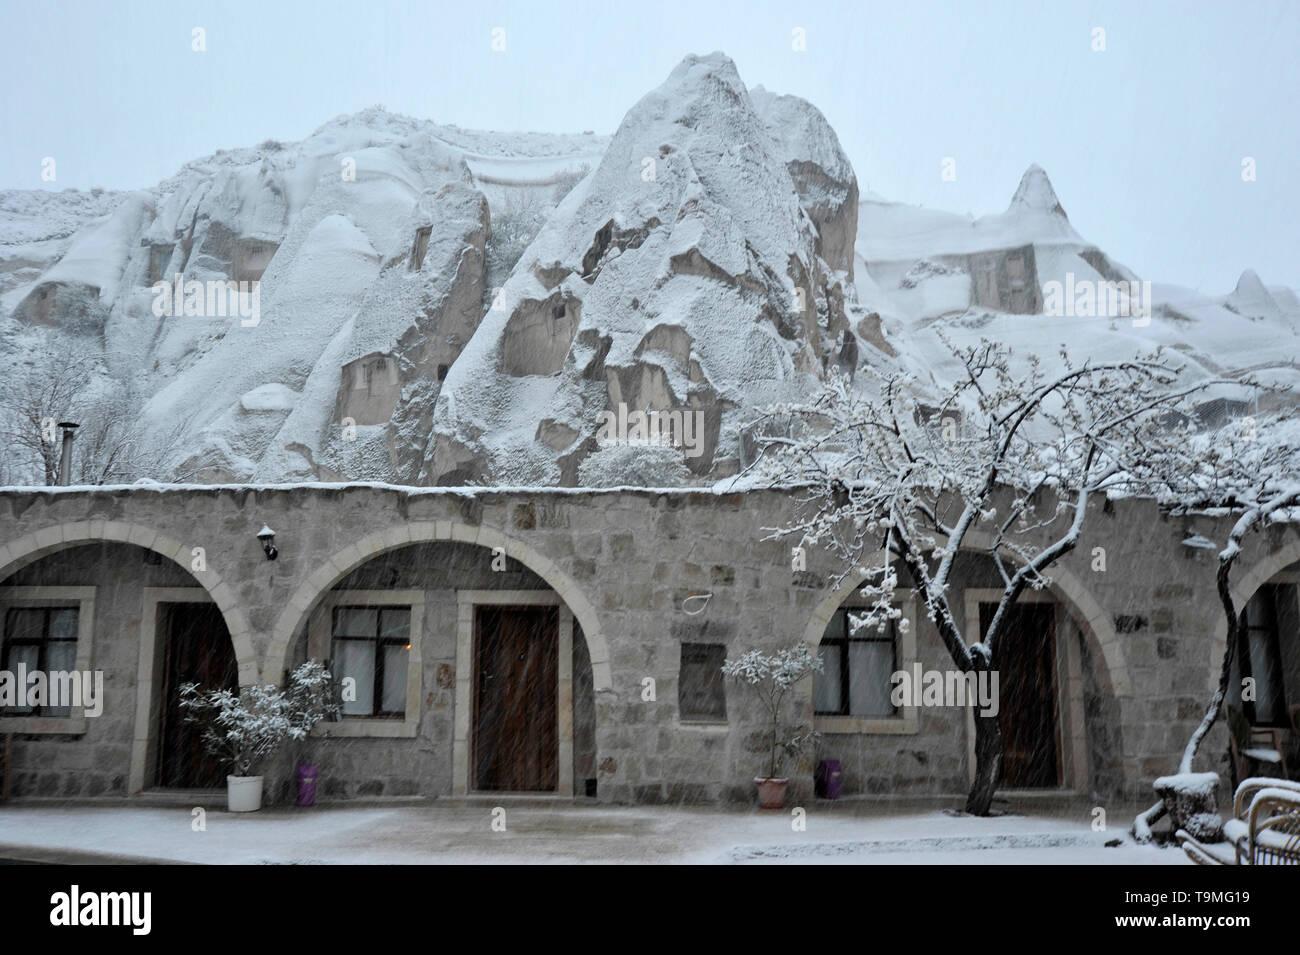 La pierre naturelle avec des formations inhabituelles dans la neige dans la région de Cappadoce Goreme de Turquie Photo Stock